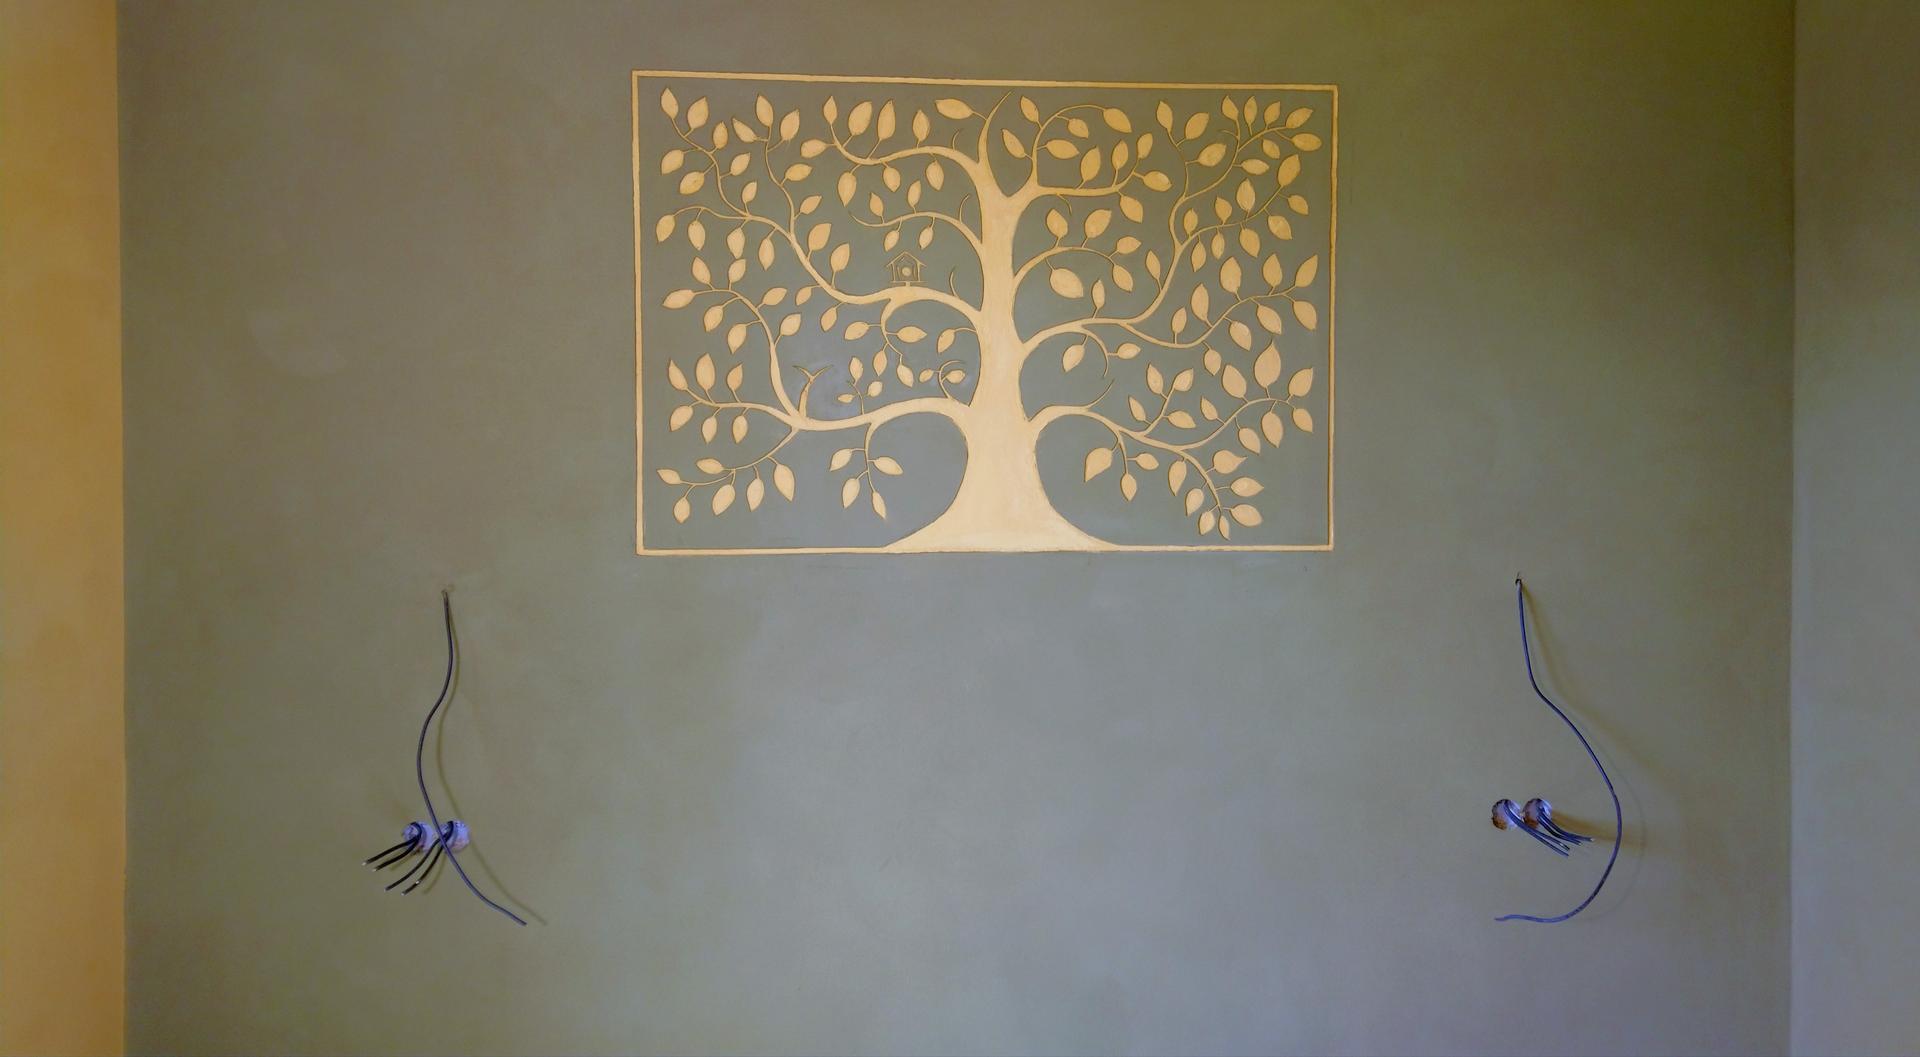 Hlinené omietky - Stromy sú veľmi obľúbena hlinená dekorácia. Technika vyškrabávania do čerstvej omietky - sgraffito